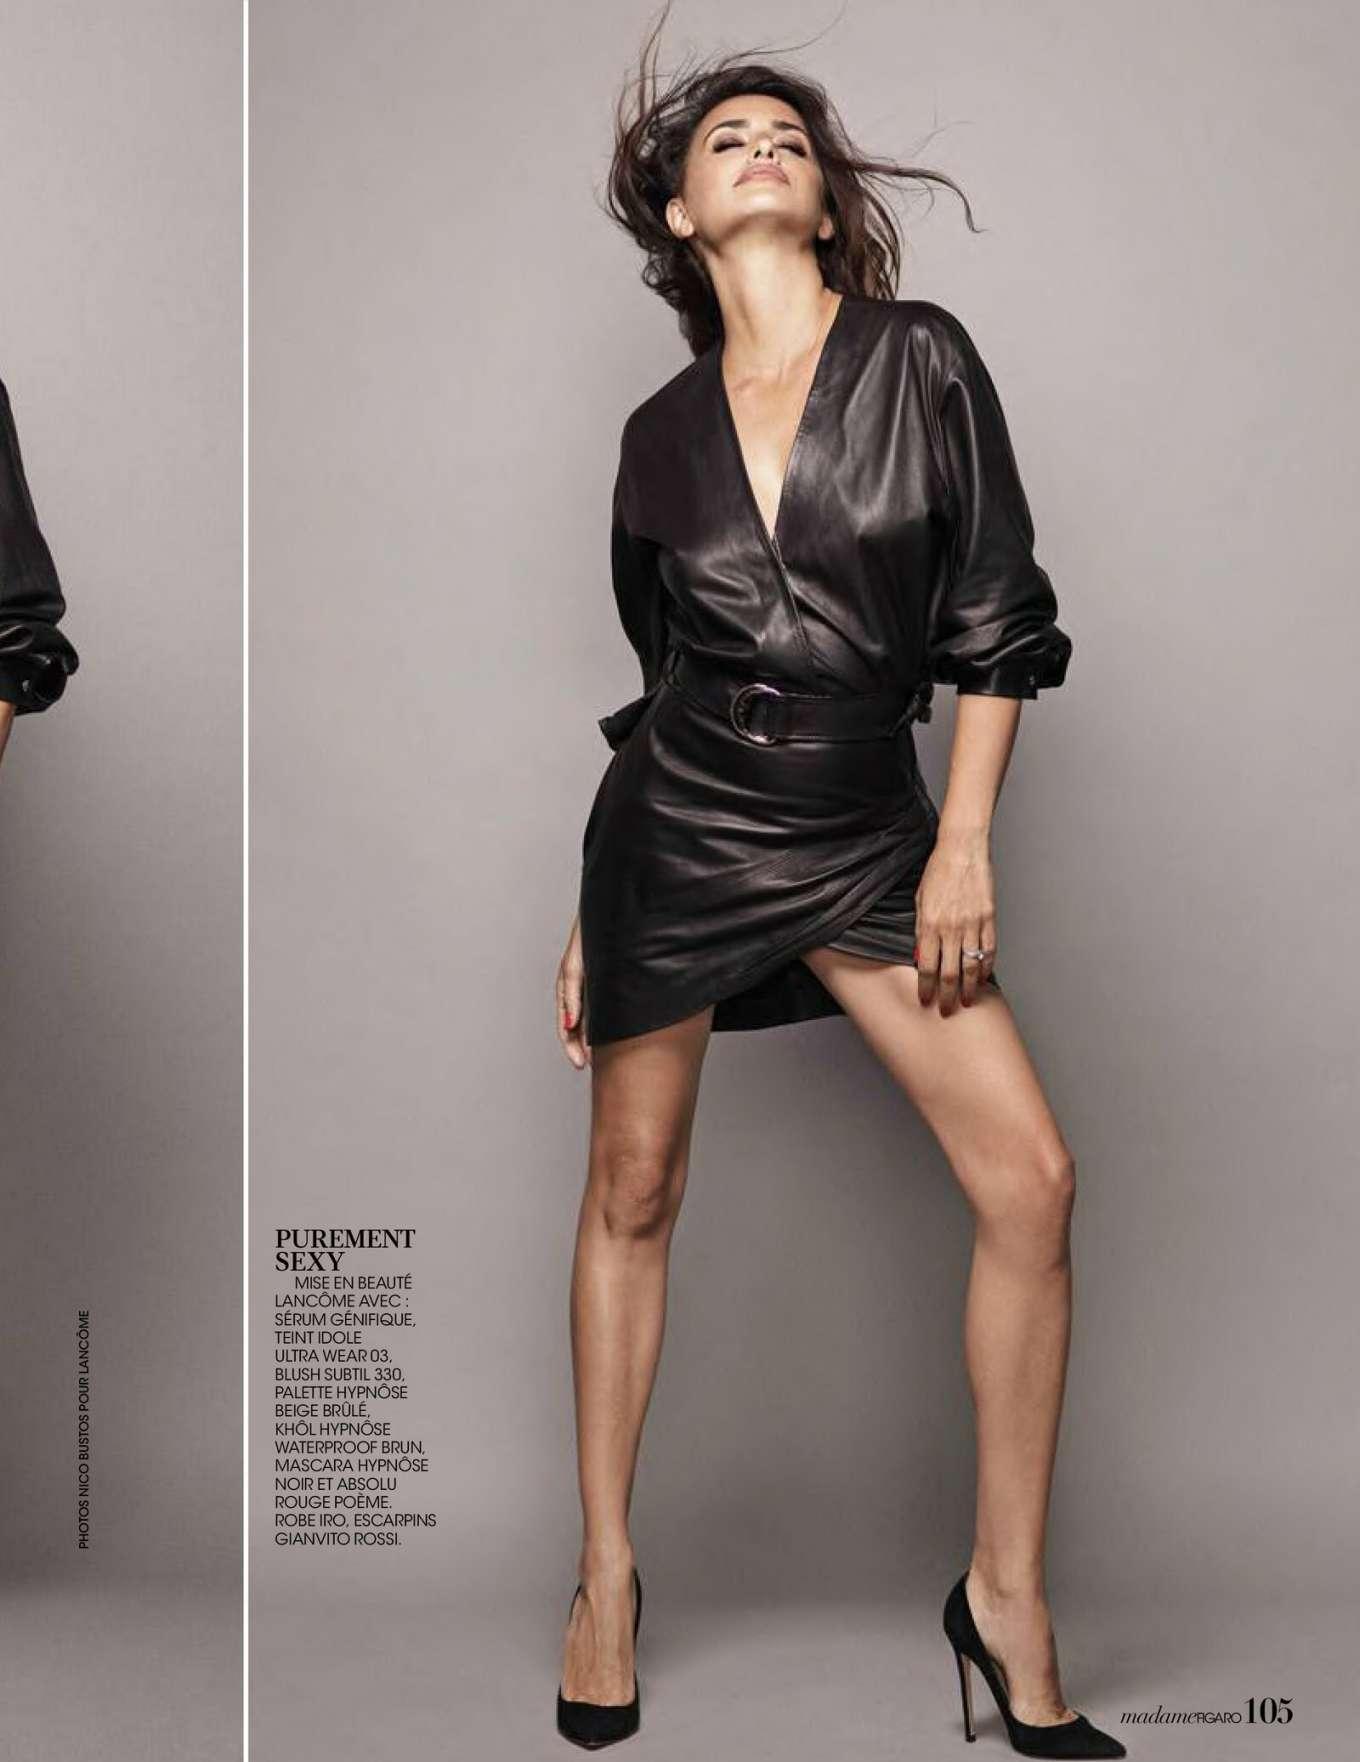 Penelope Cruz - Madame Figaro France Magazine (May 2019)